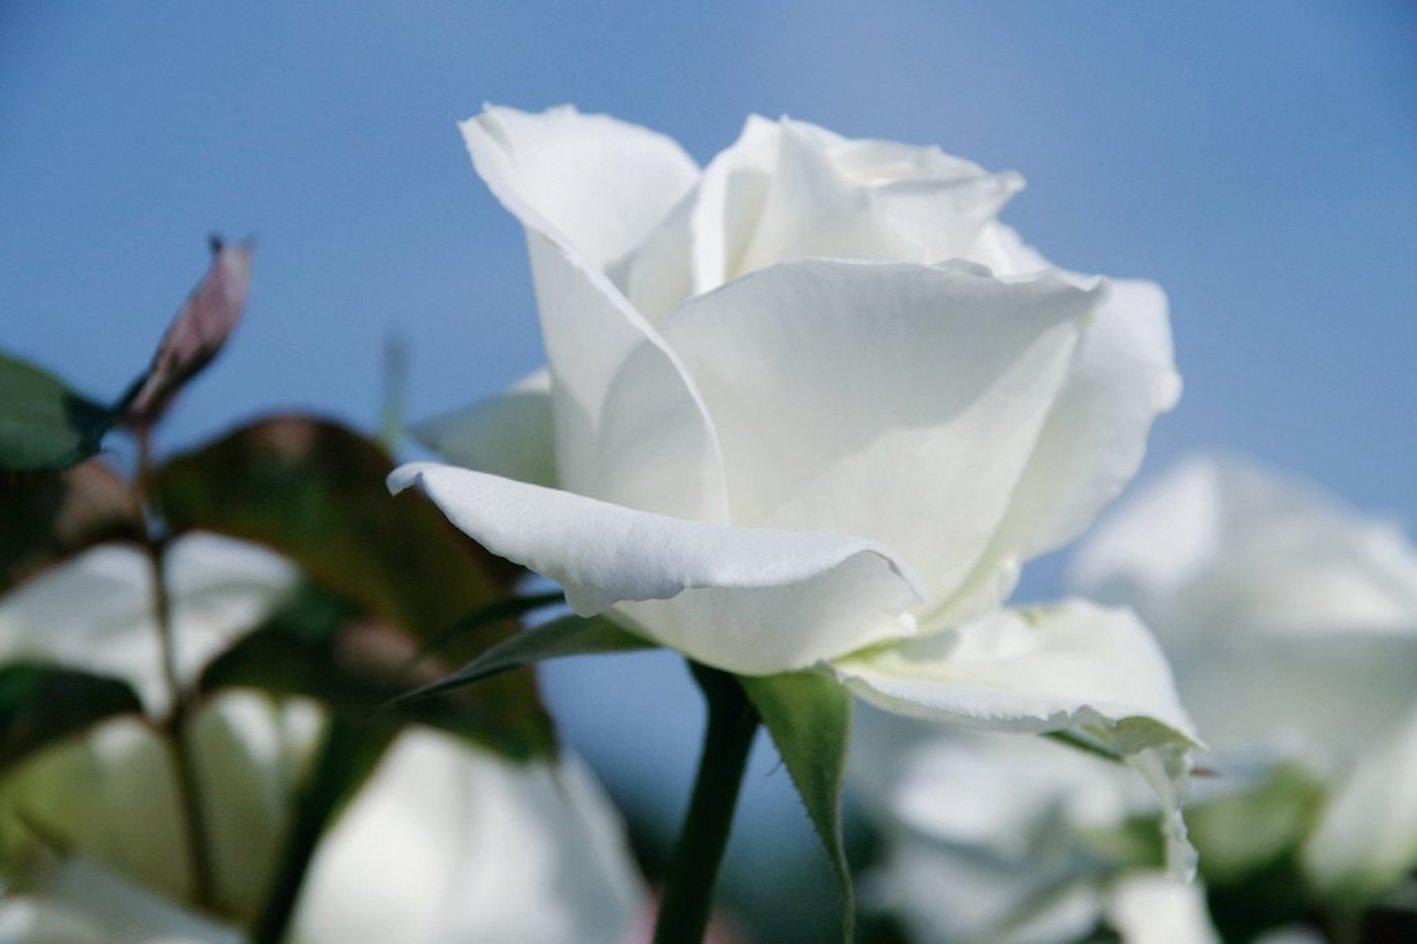 バラ 葉っぱ 白い